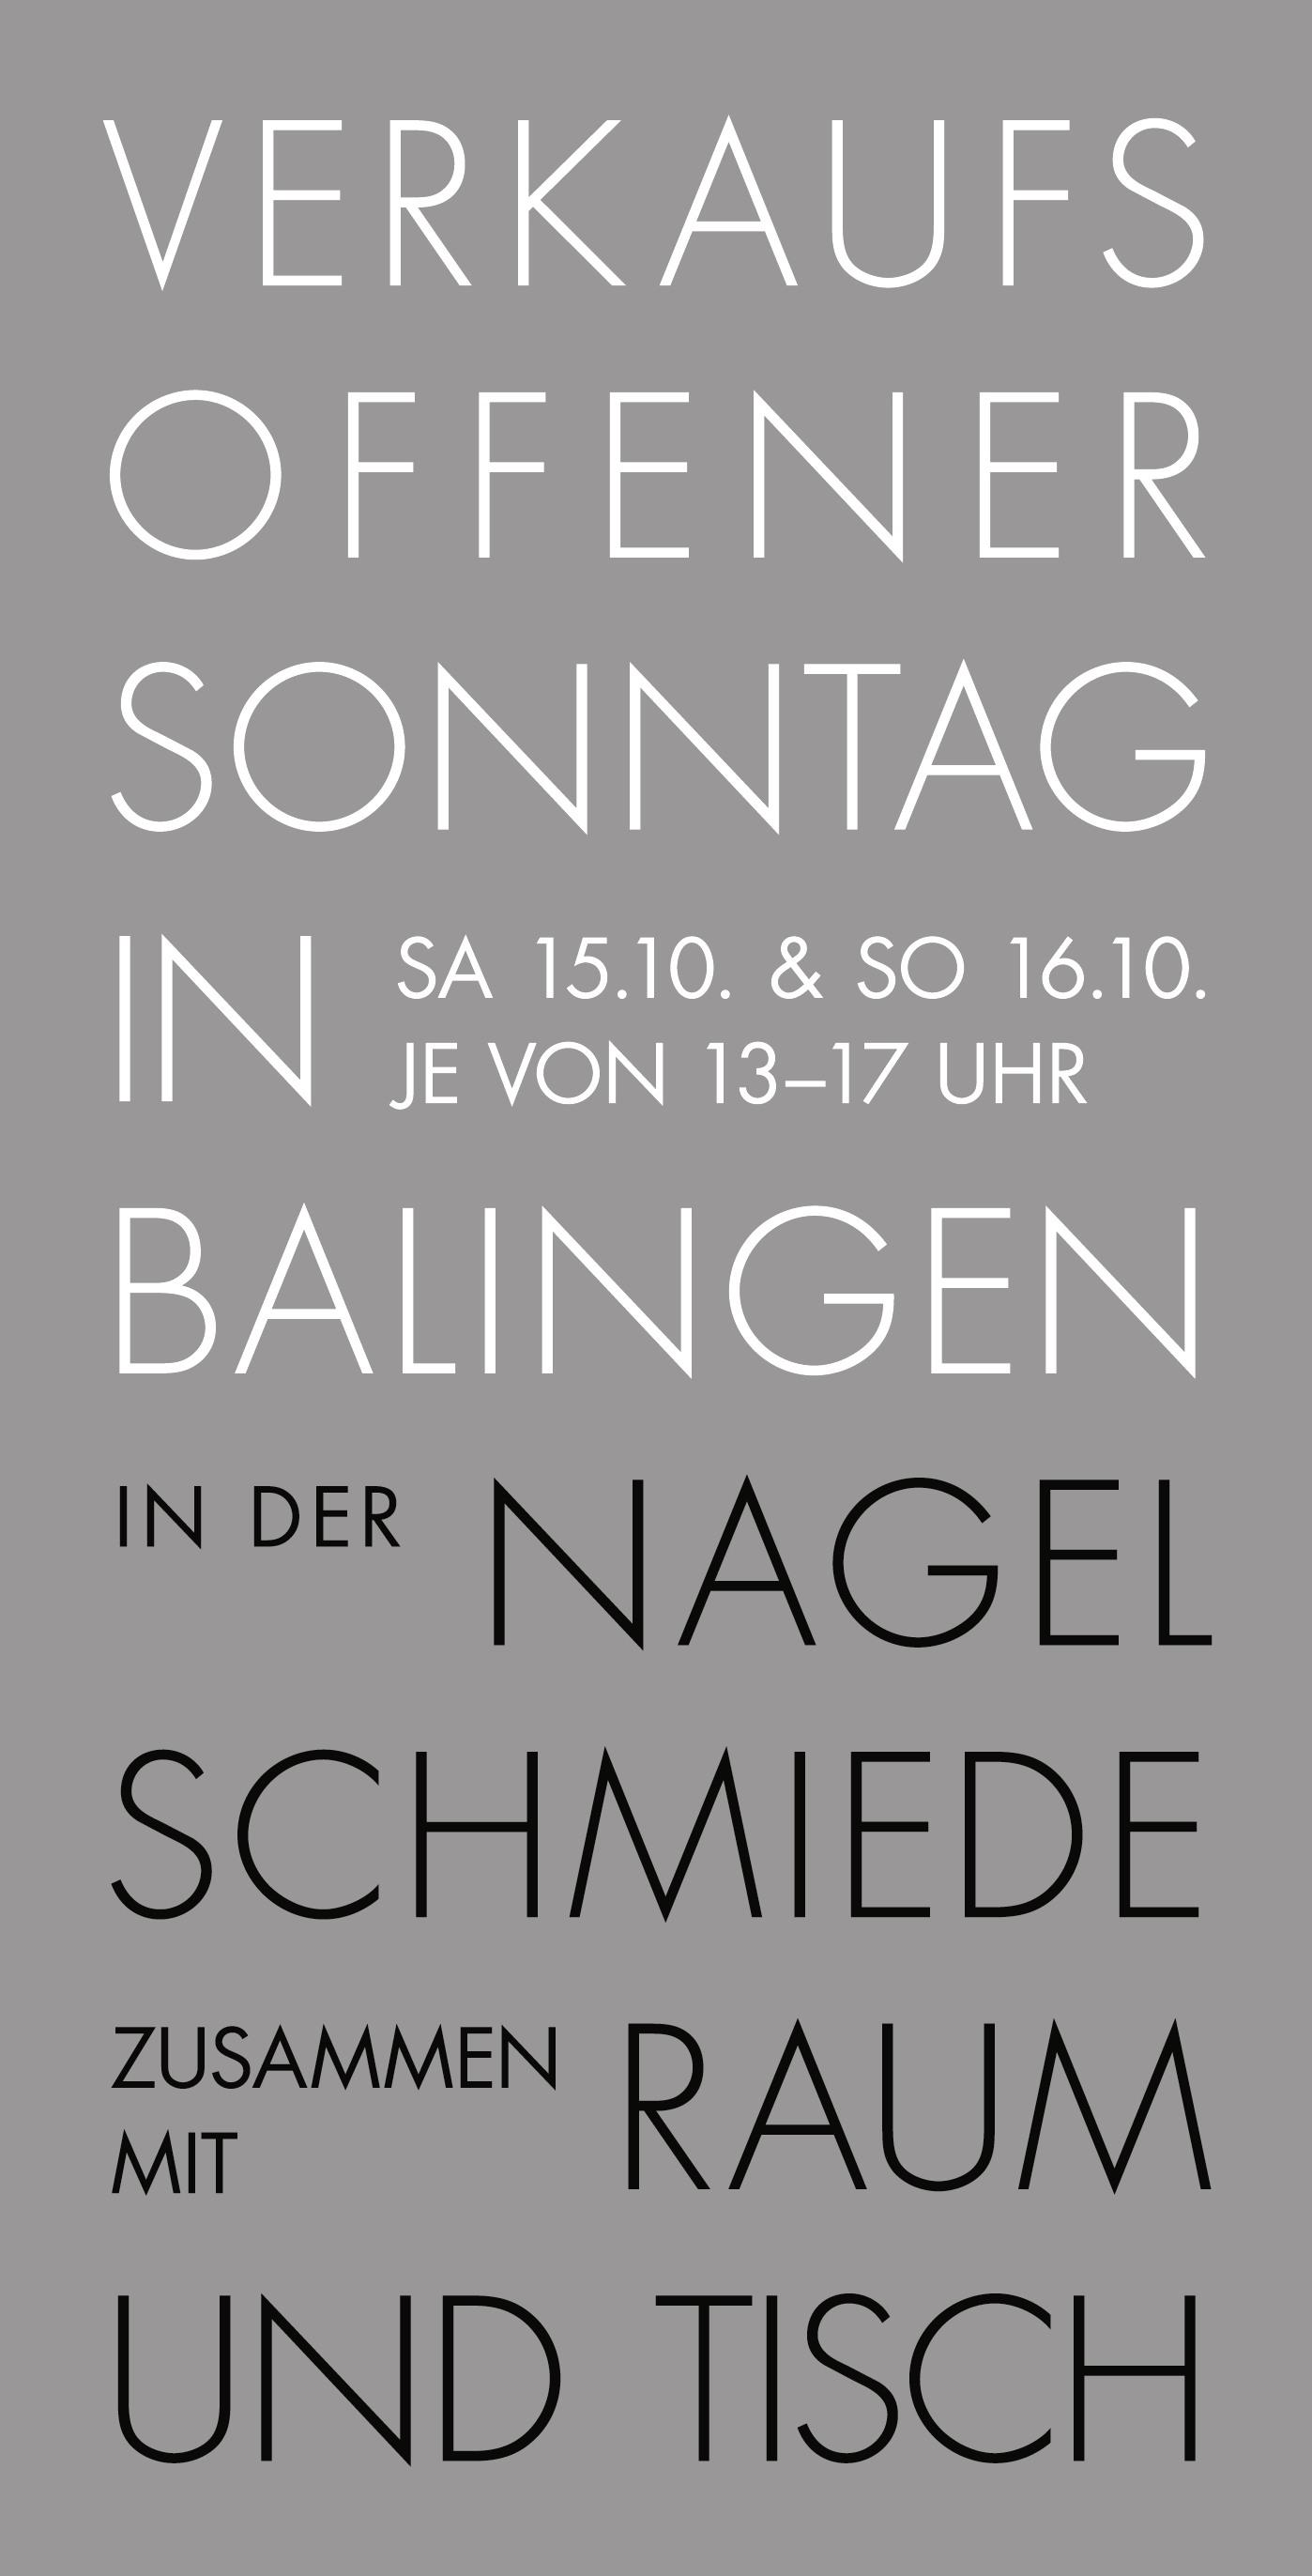 Verkaufsoffener Sonntag in Balingen 2016